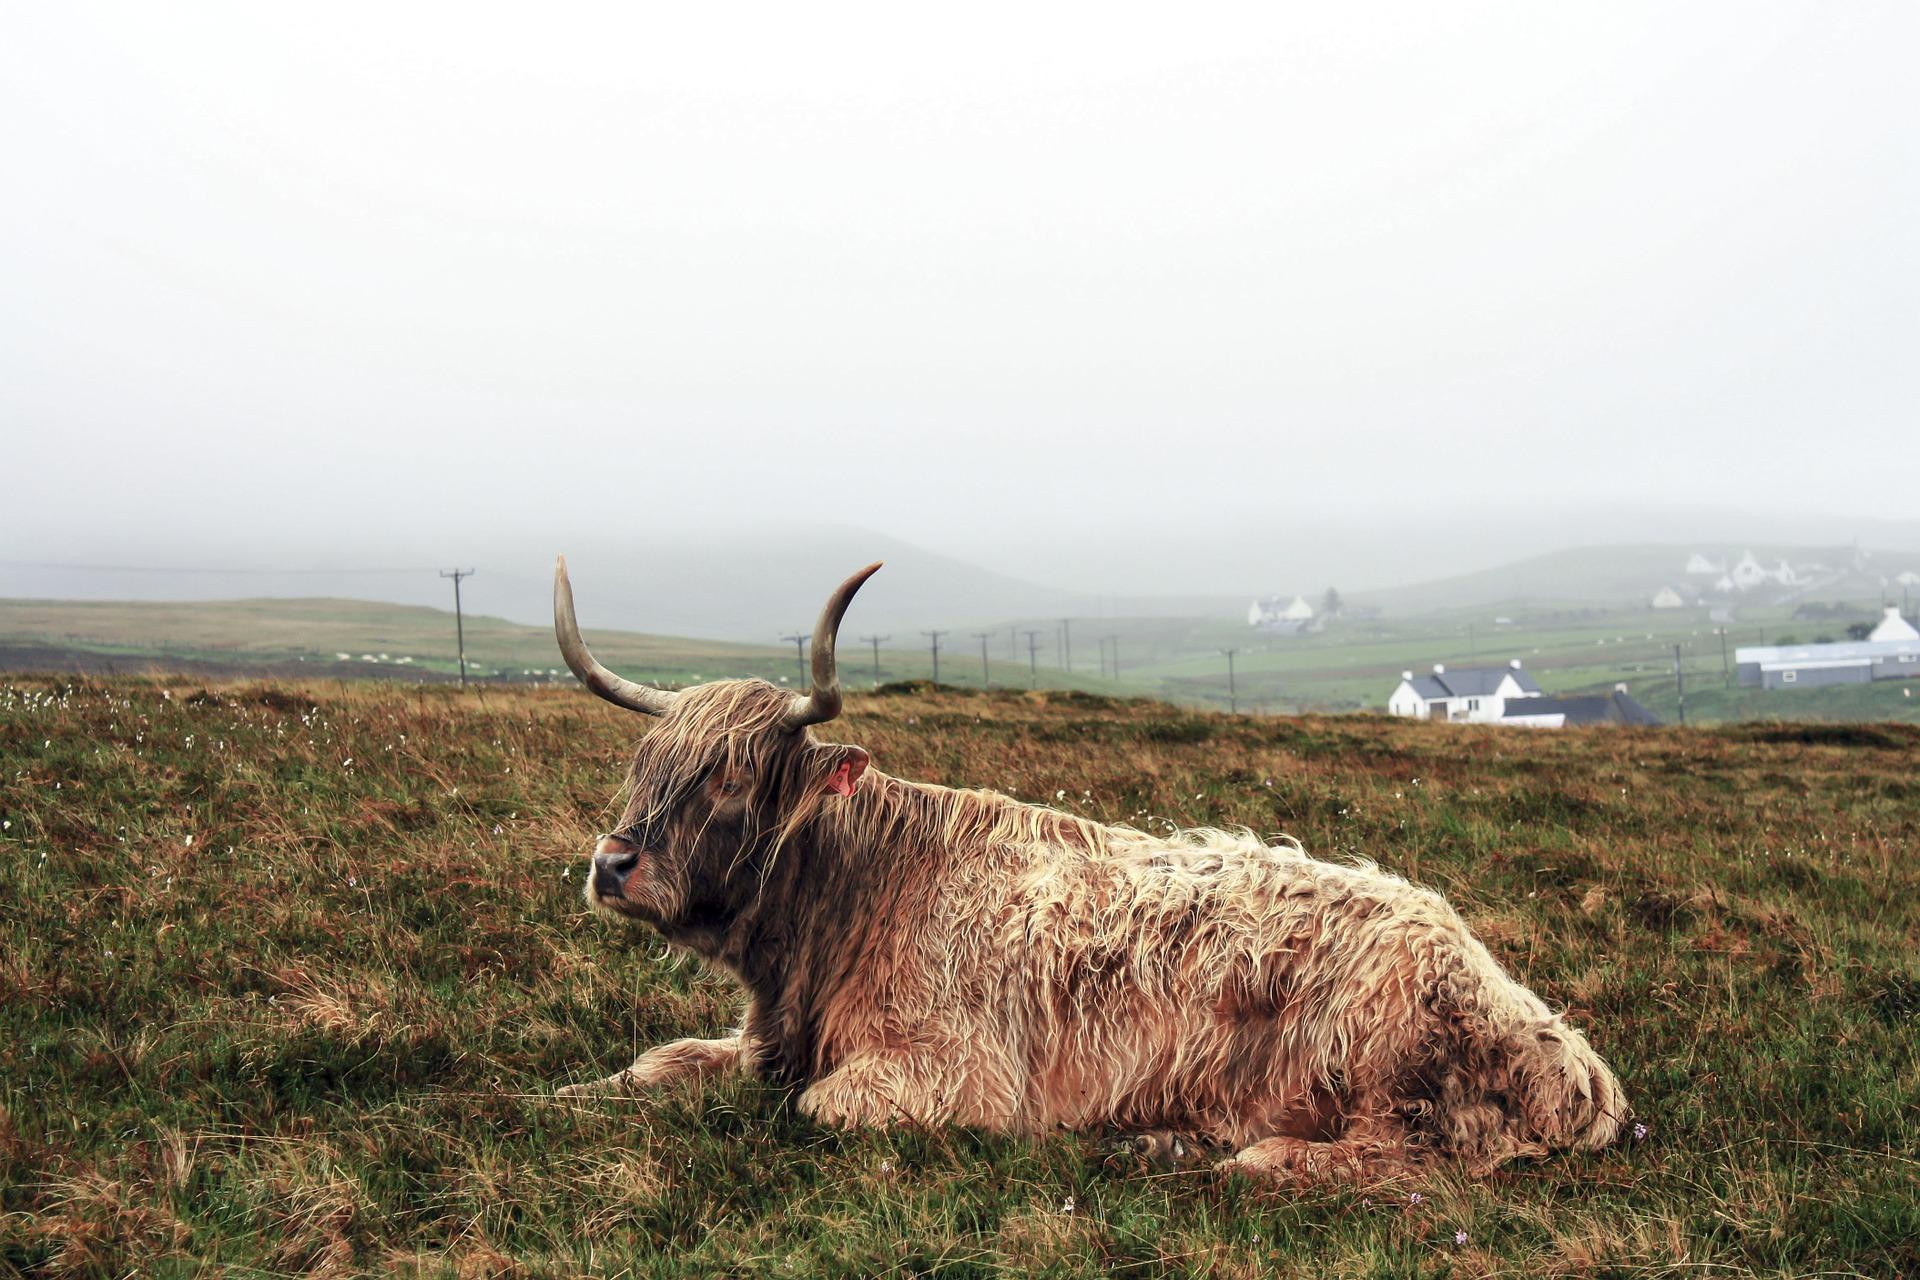 cattle-945439_1920.jpg